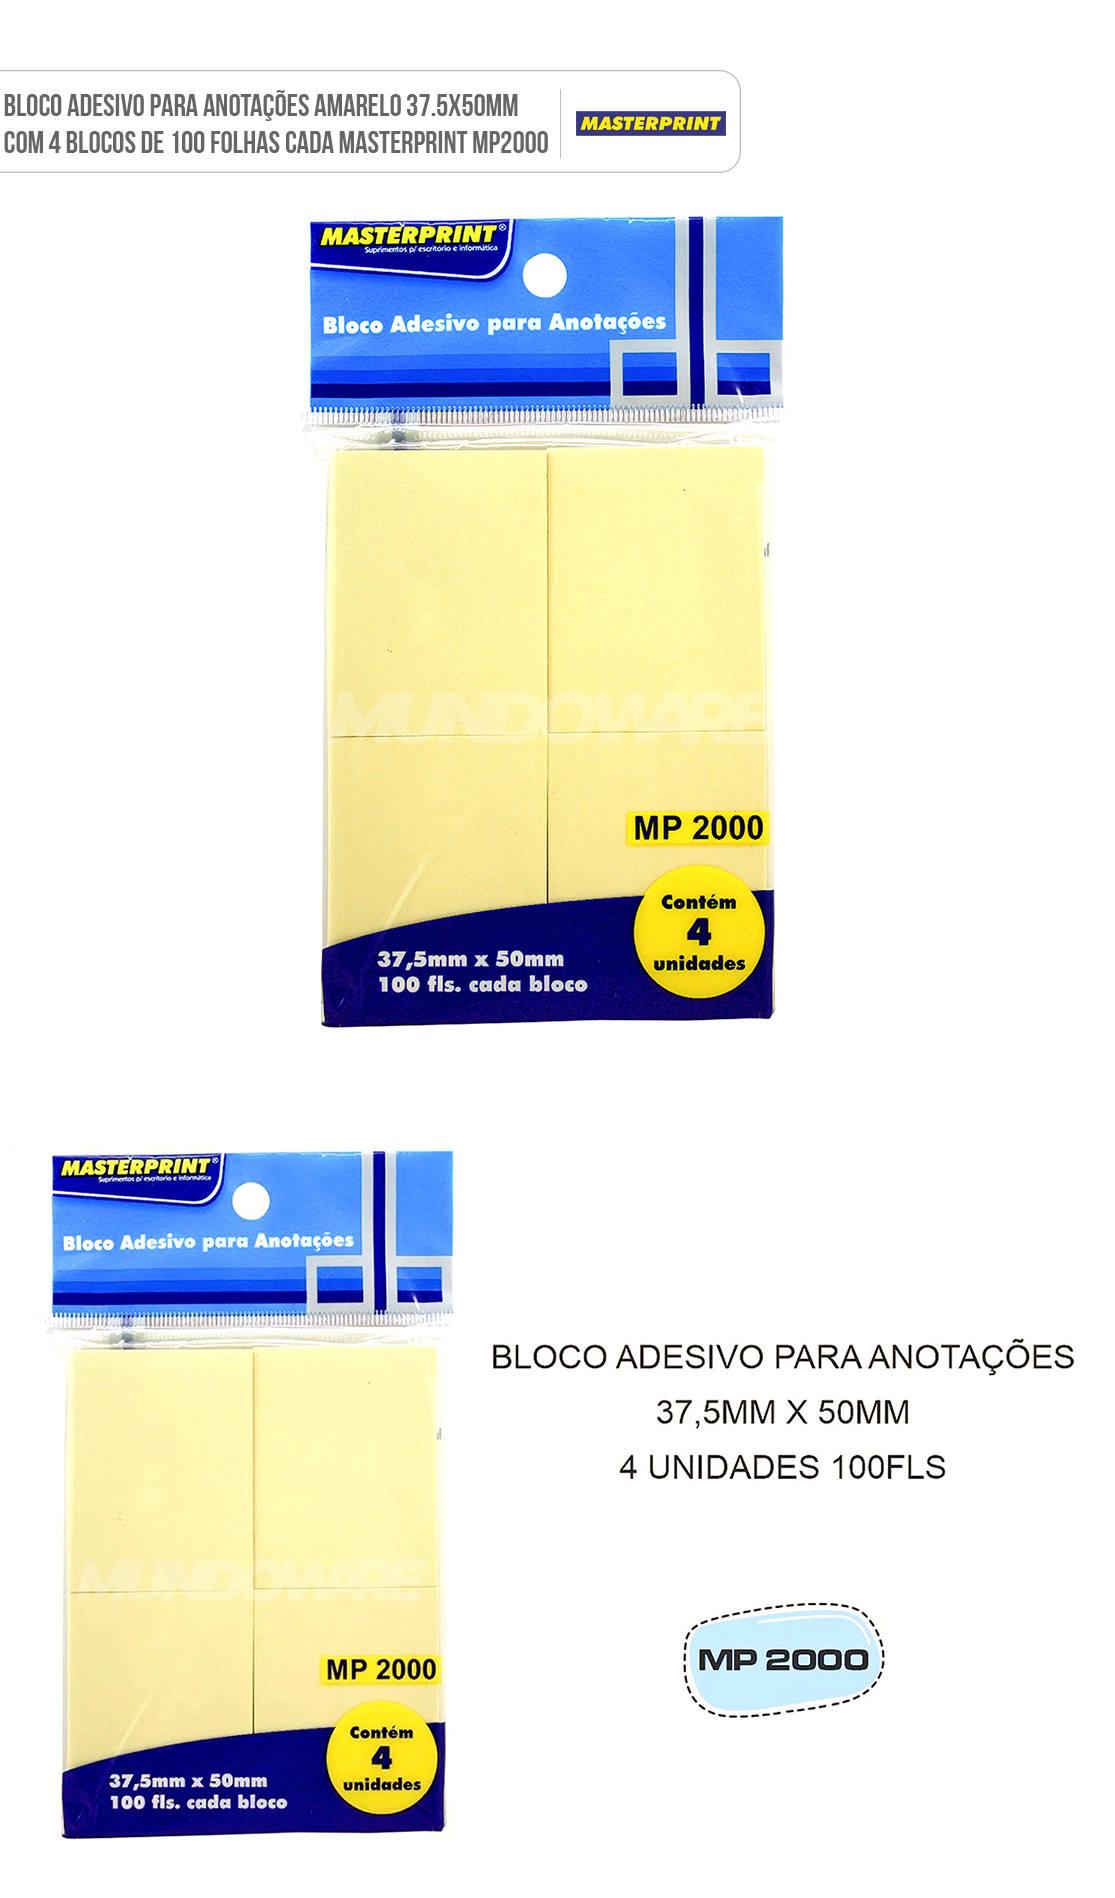 Bloco Adesivo para Anotações Amarelo 37.5x50mm com 4 Blocos de 100 Folhas cada Masterprint MP2000